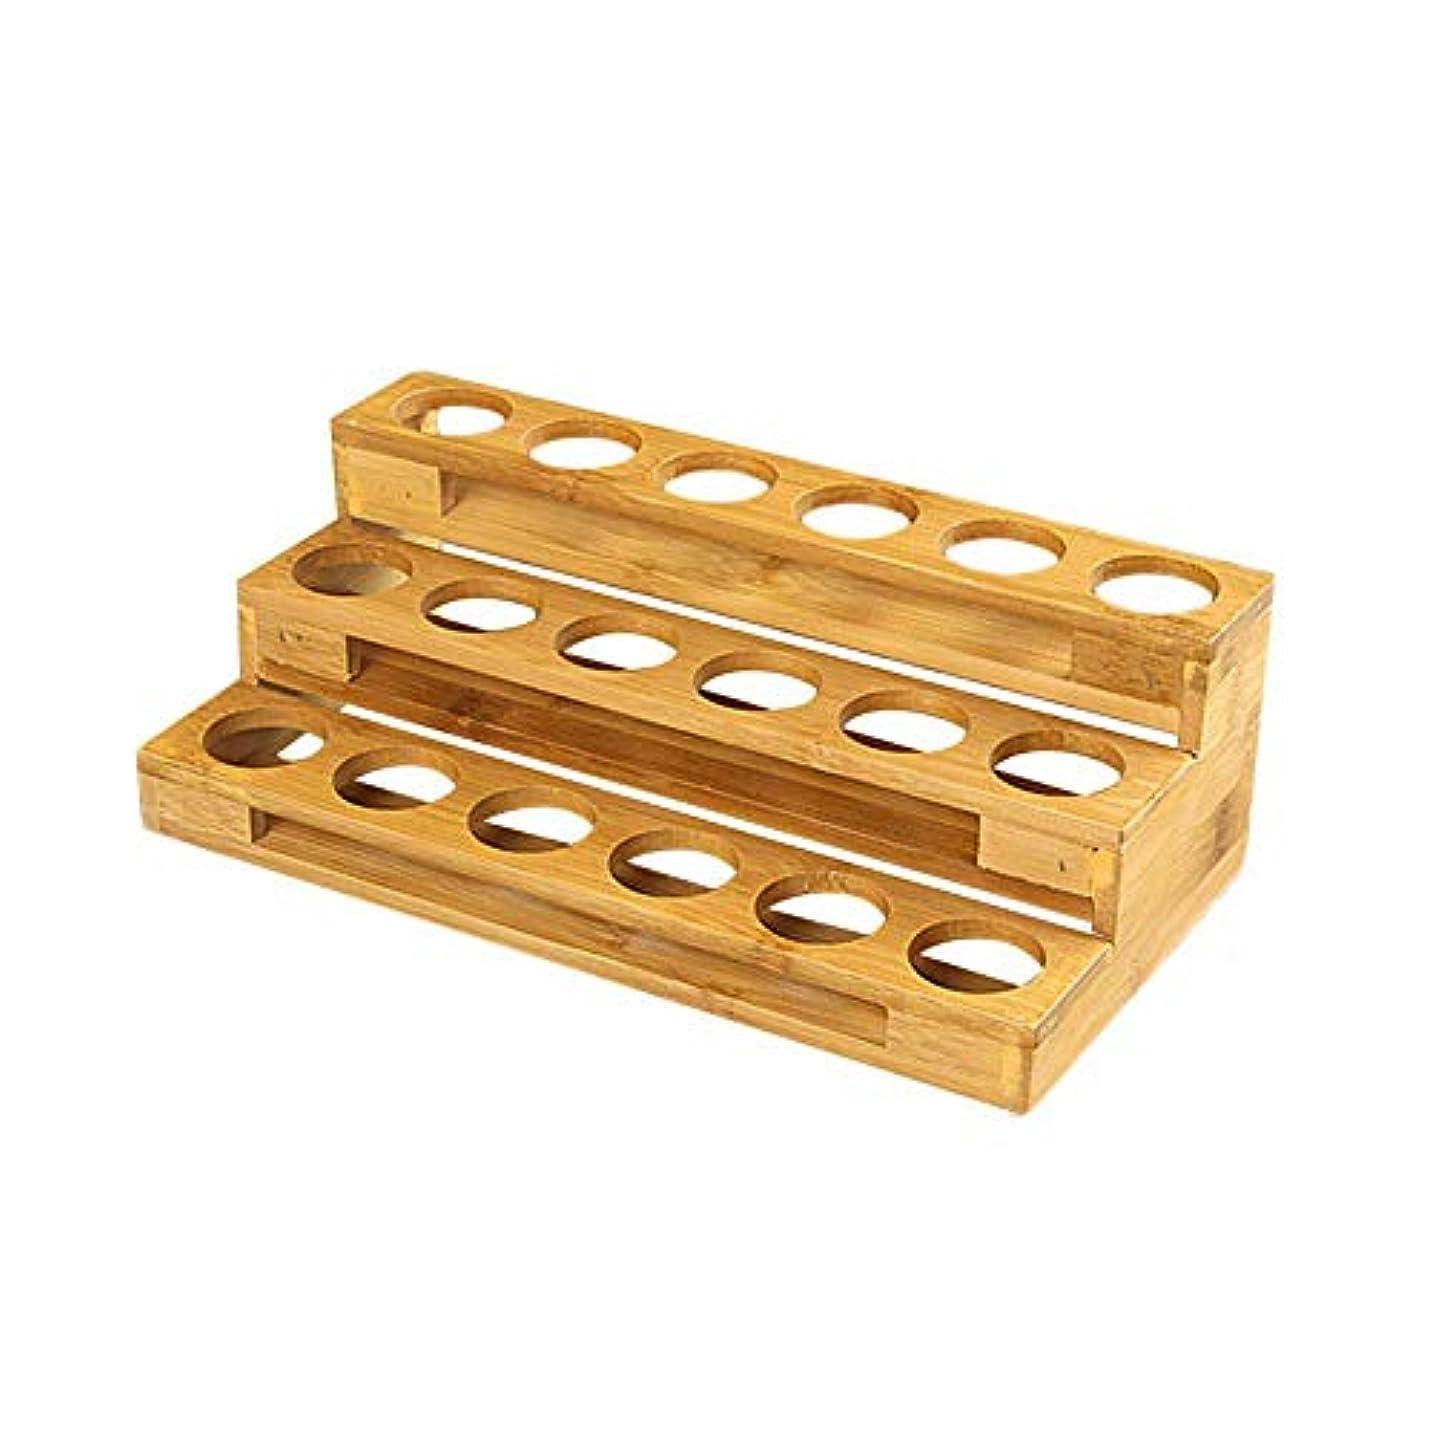 気分が悪い豊かな敗北エッセンシャルオイル収納ボックス 自然木製 エッセンシャルオイルオイル 収納 ボックス 香水収納ケース はしごタイプ アロマオイル収納ボックス 18本用